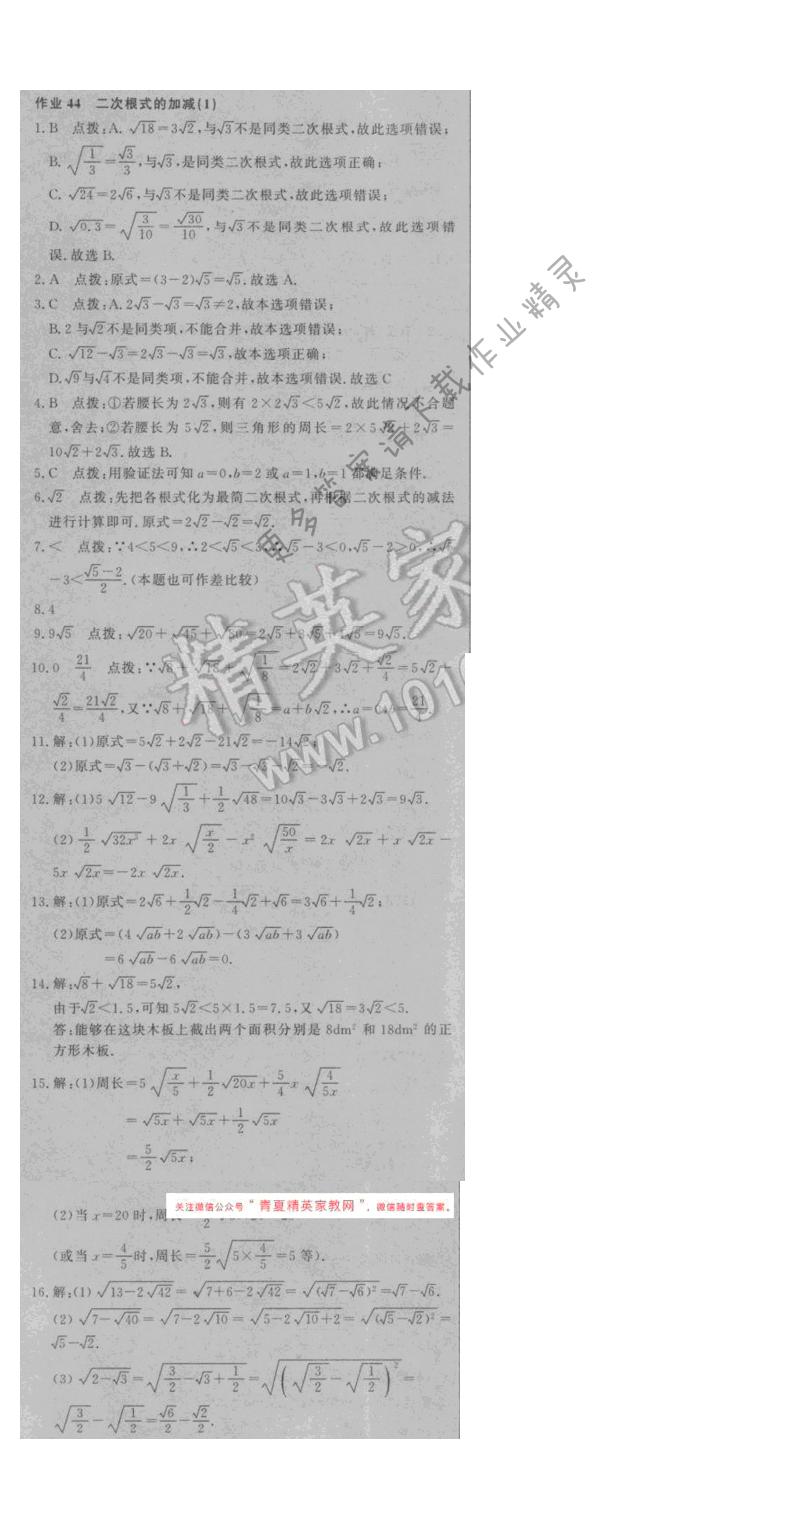 2016年启东中学作业本八年级数学下册江苏版 第十二章 作业44